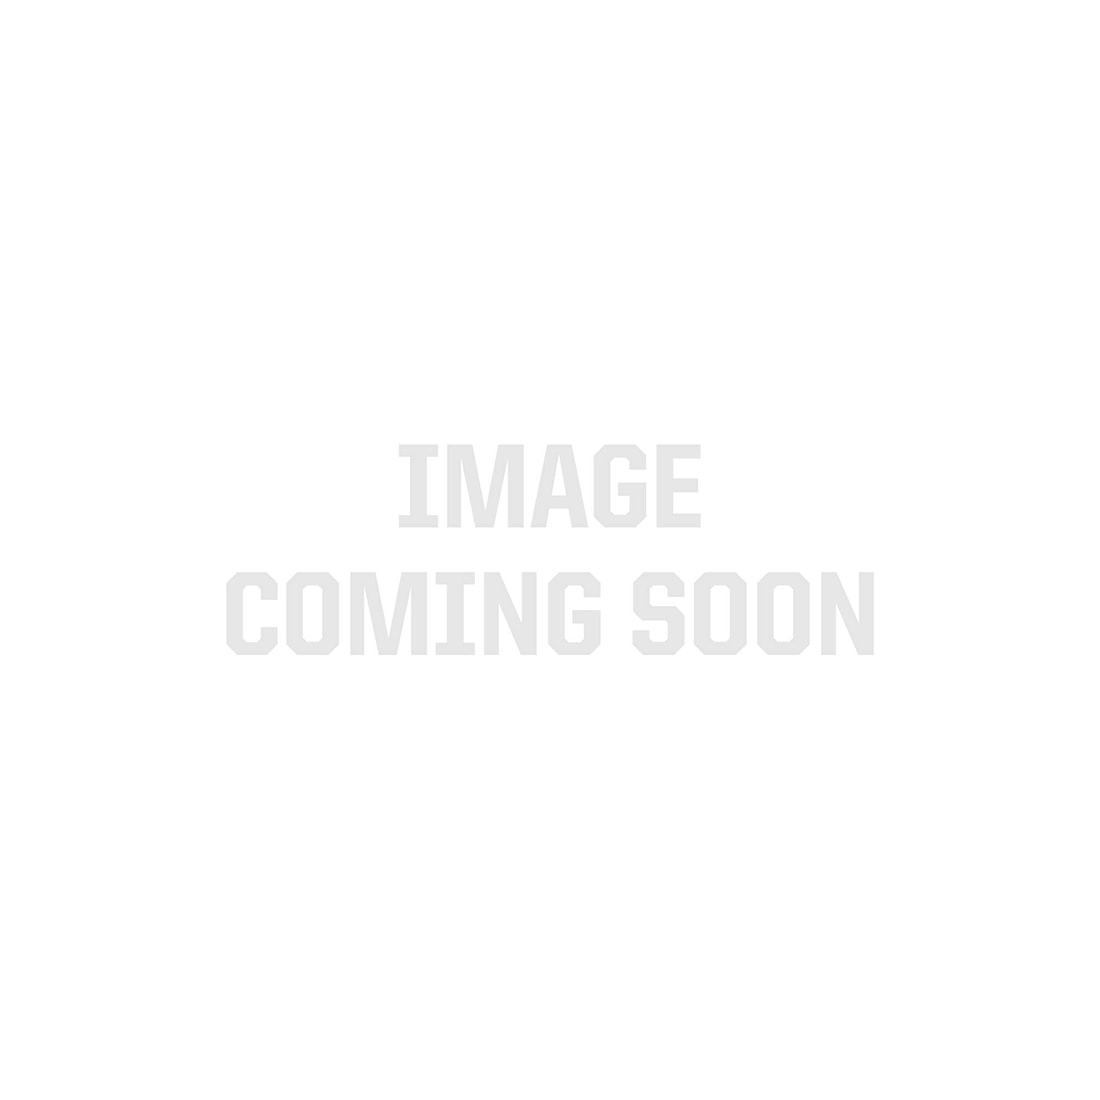 Tungsten White 2835 CRI 95+ LED Strip Light, 120/m, 10mm wide, Sample Kit